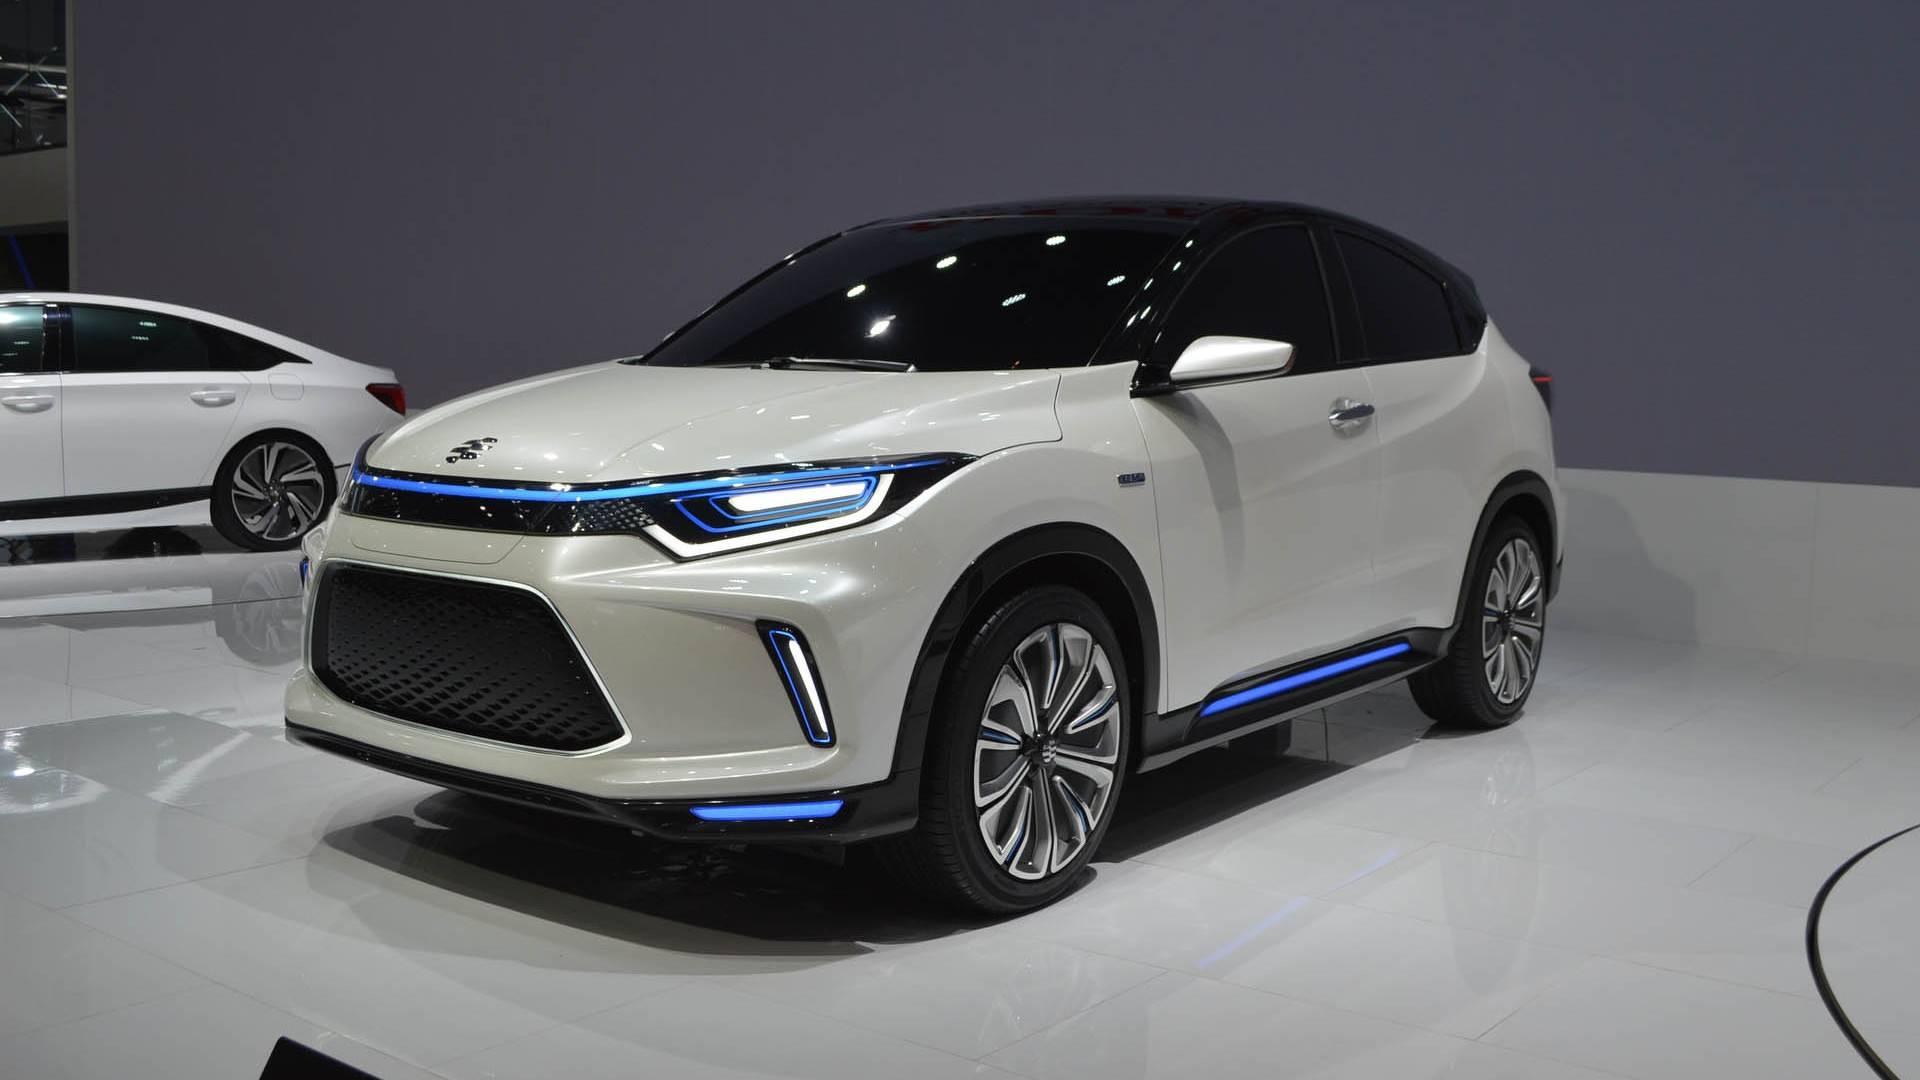 معرض الصين للسيارات